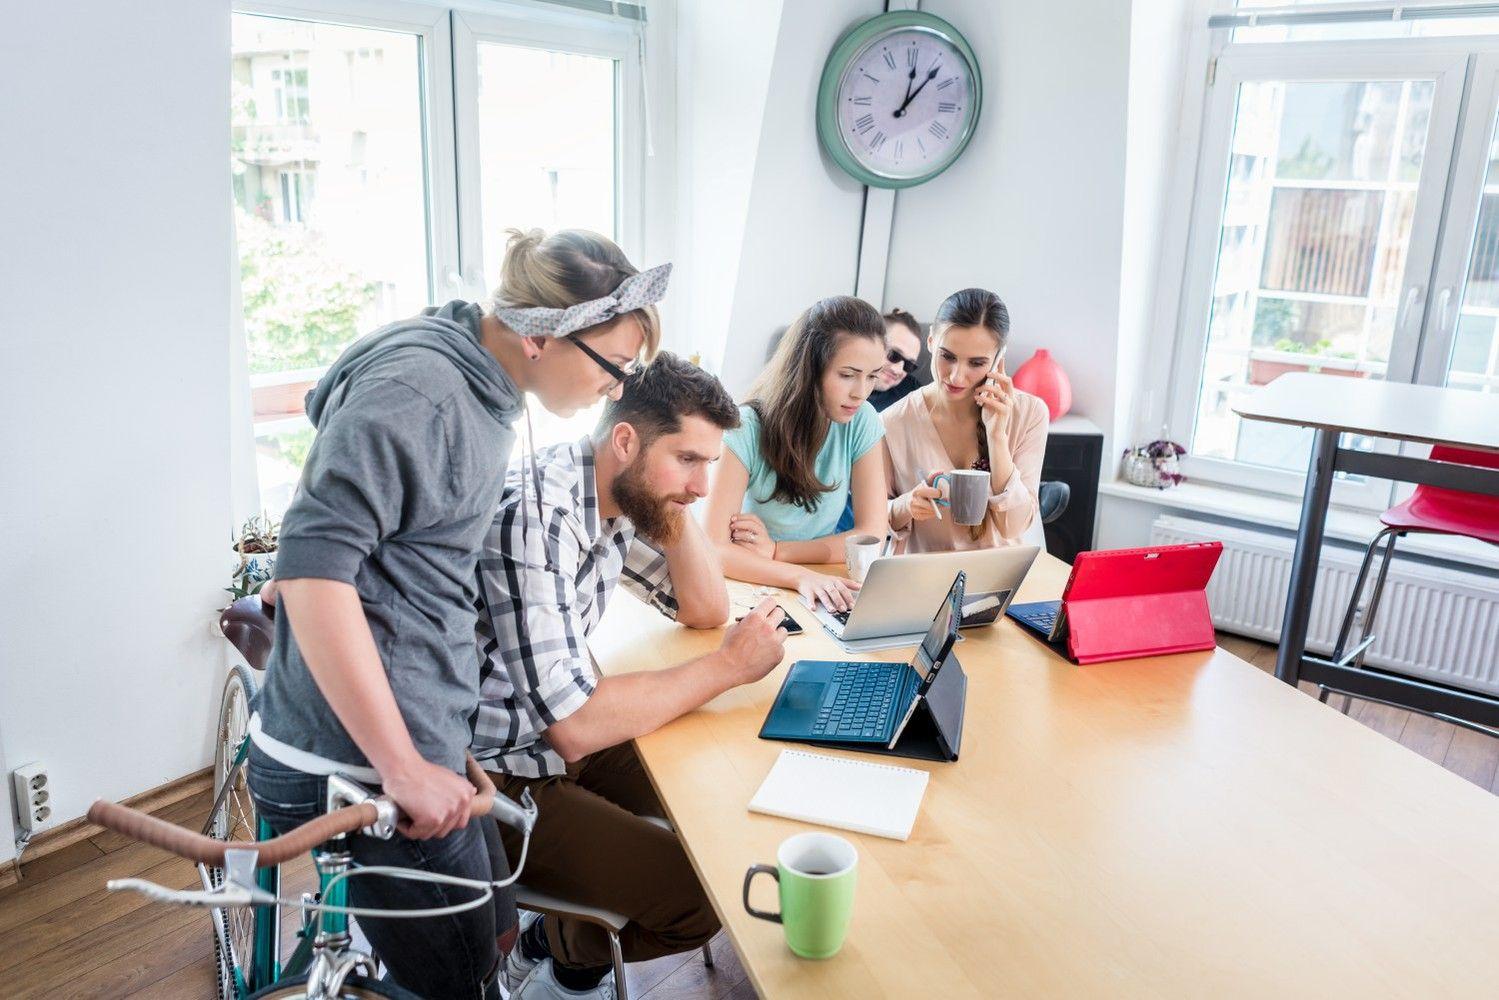 4 tendencijos, keliančios problemų darbdaviams